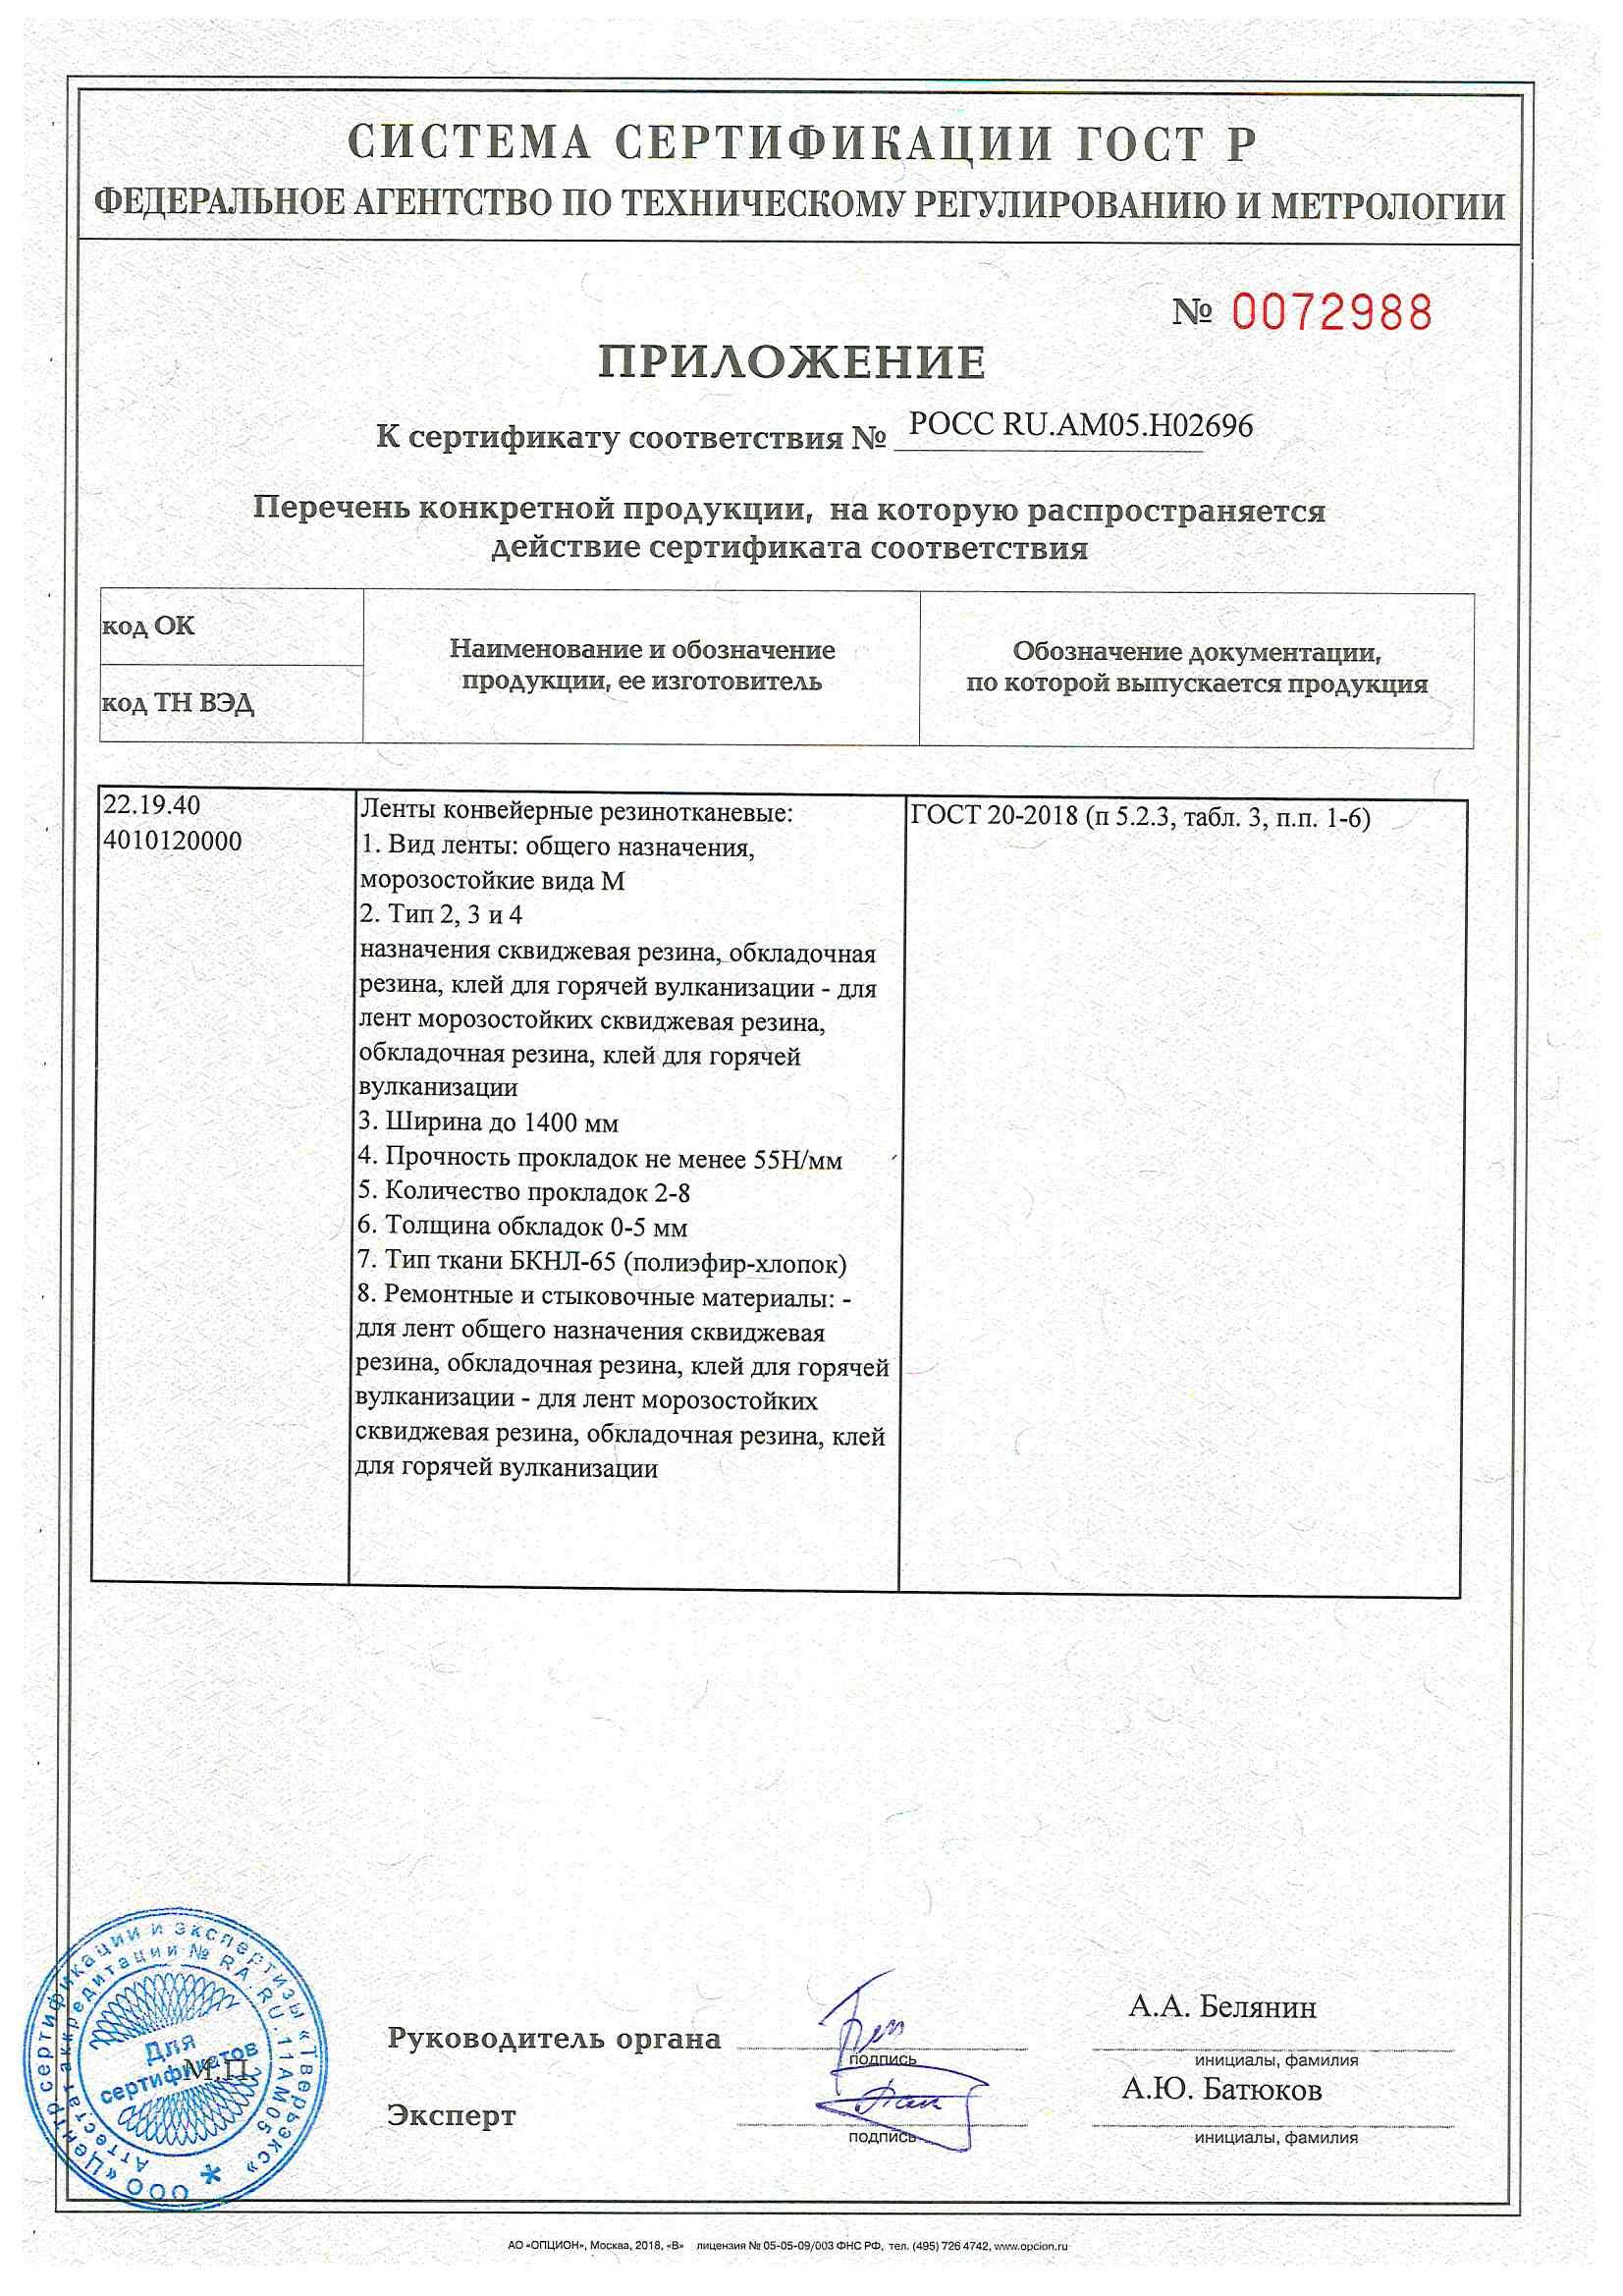 Приложение к сертификату РОСС RU.АМ05.Н02696 на транспортер.ленту